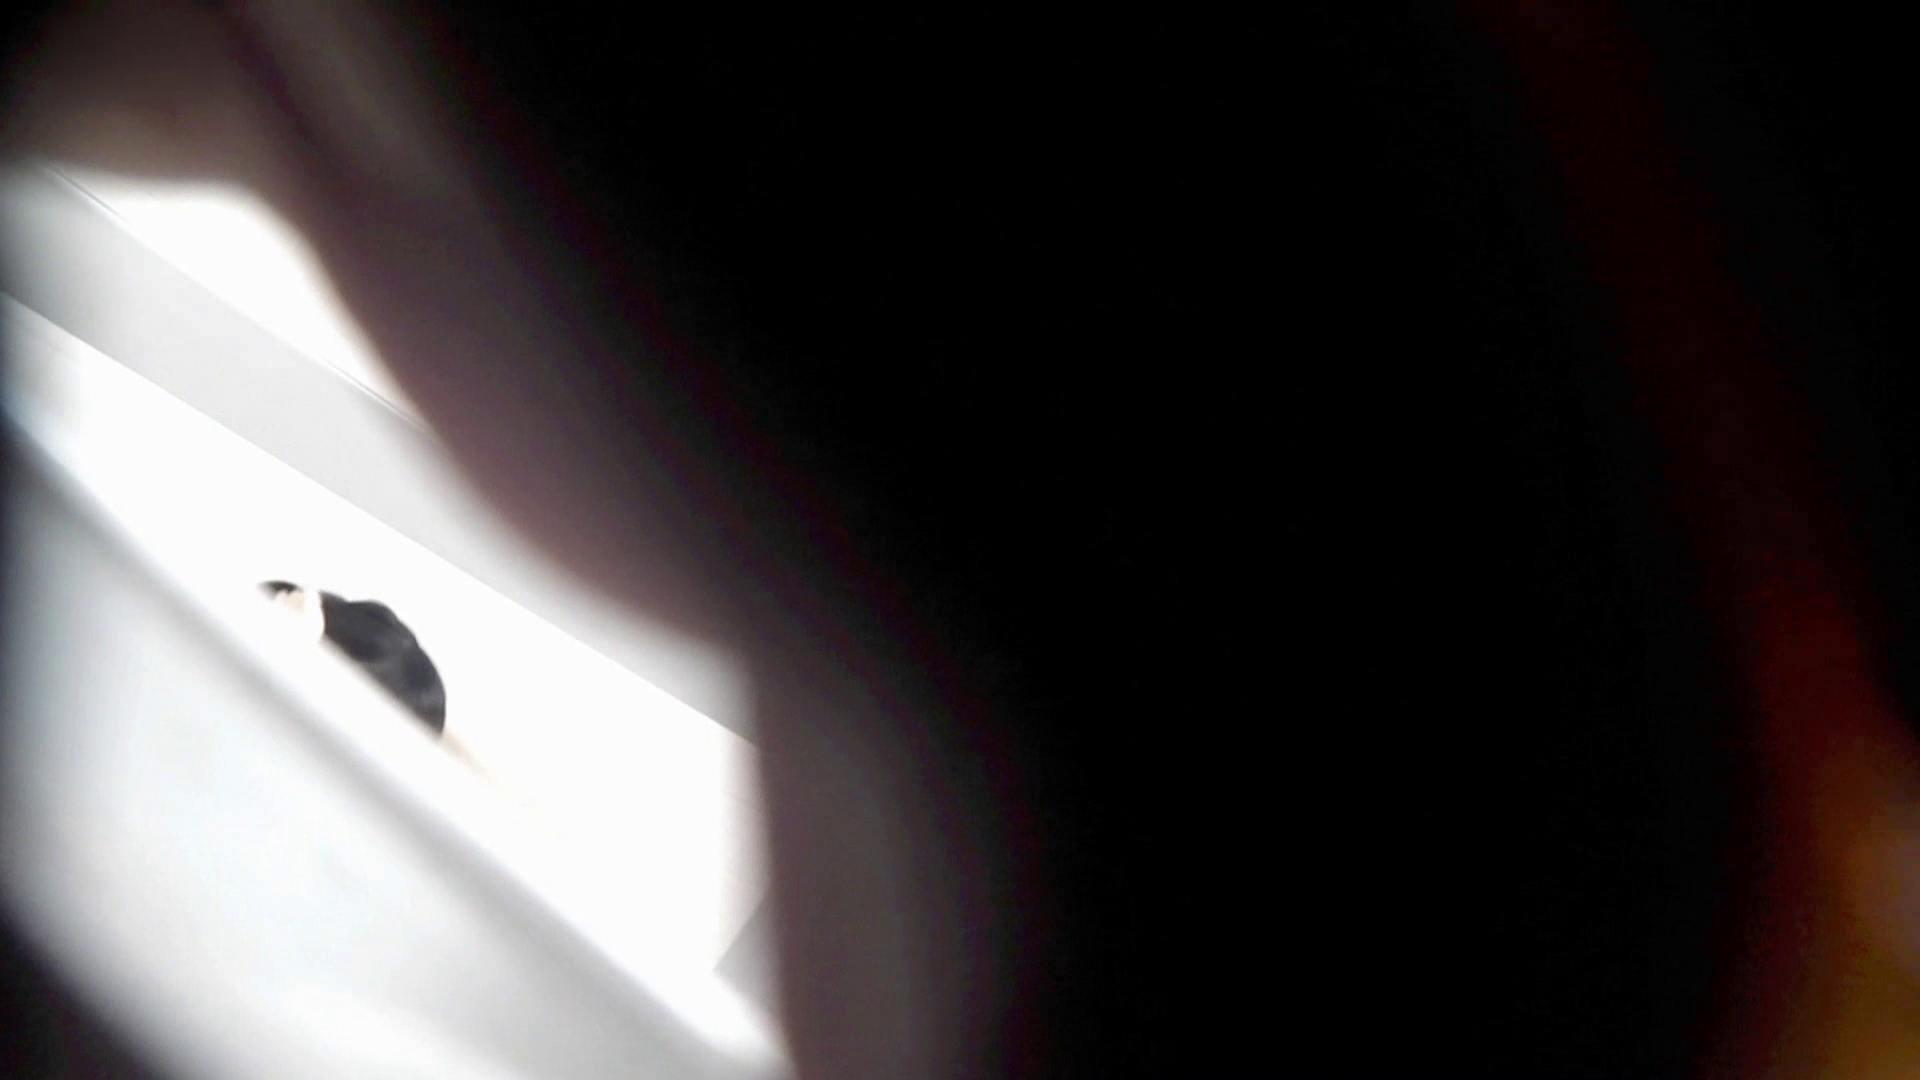 お銀さんの洗面所突入レポート!!vol.73 シリーズ一番エロい尻登場 洗面所 | OLエロ画像  40PICs 37